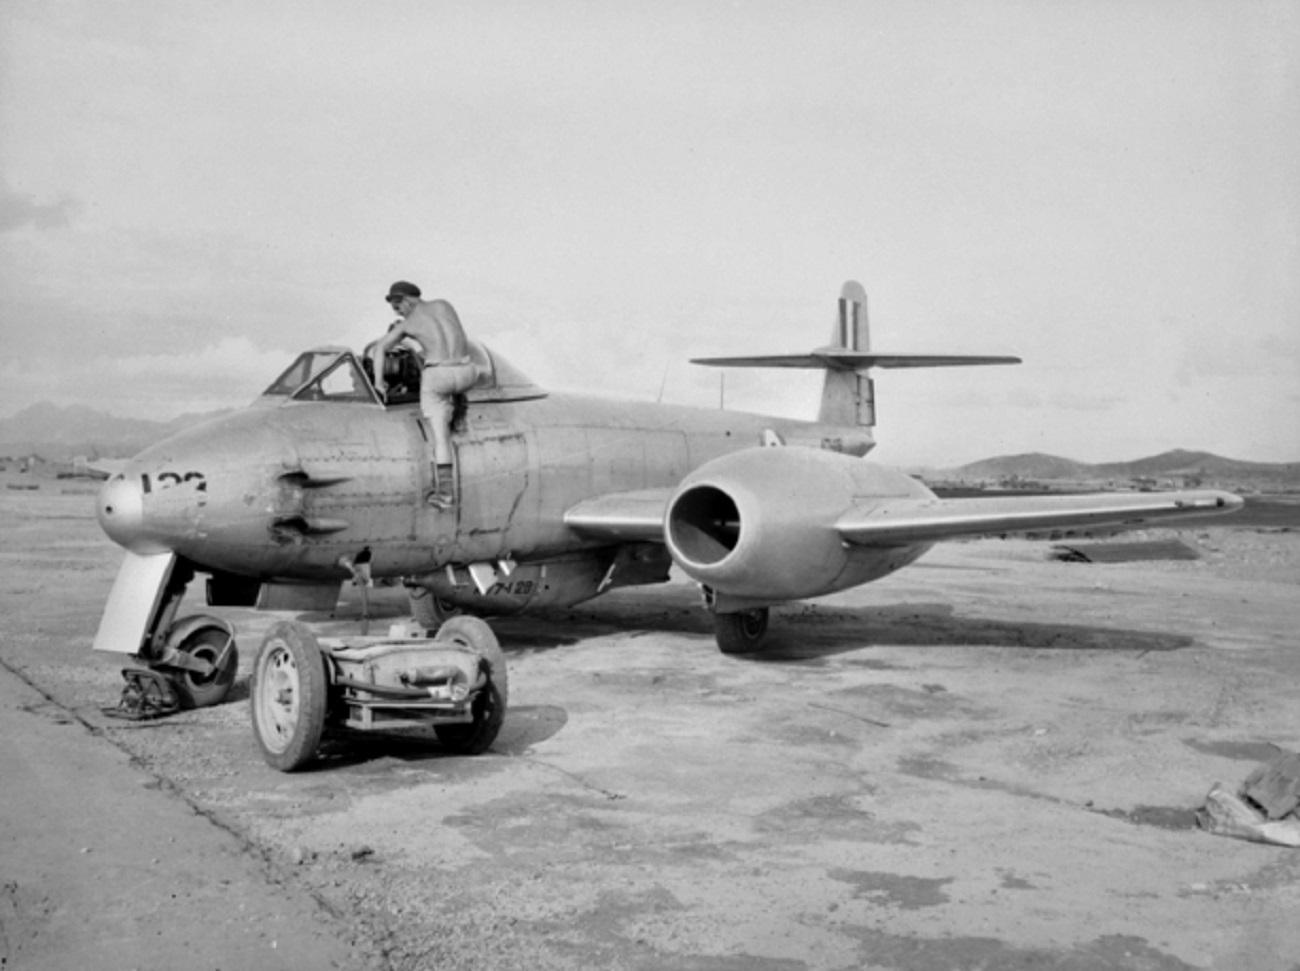 Meteor en la base de Kimpo (Corea del Sur) antes de partir en una misión de escolta de bombarderos, 1951. Dominio público